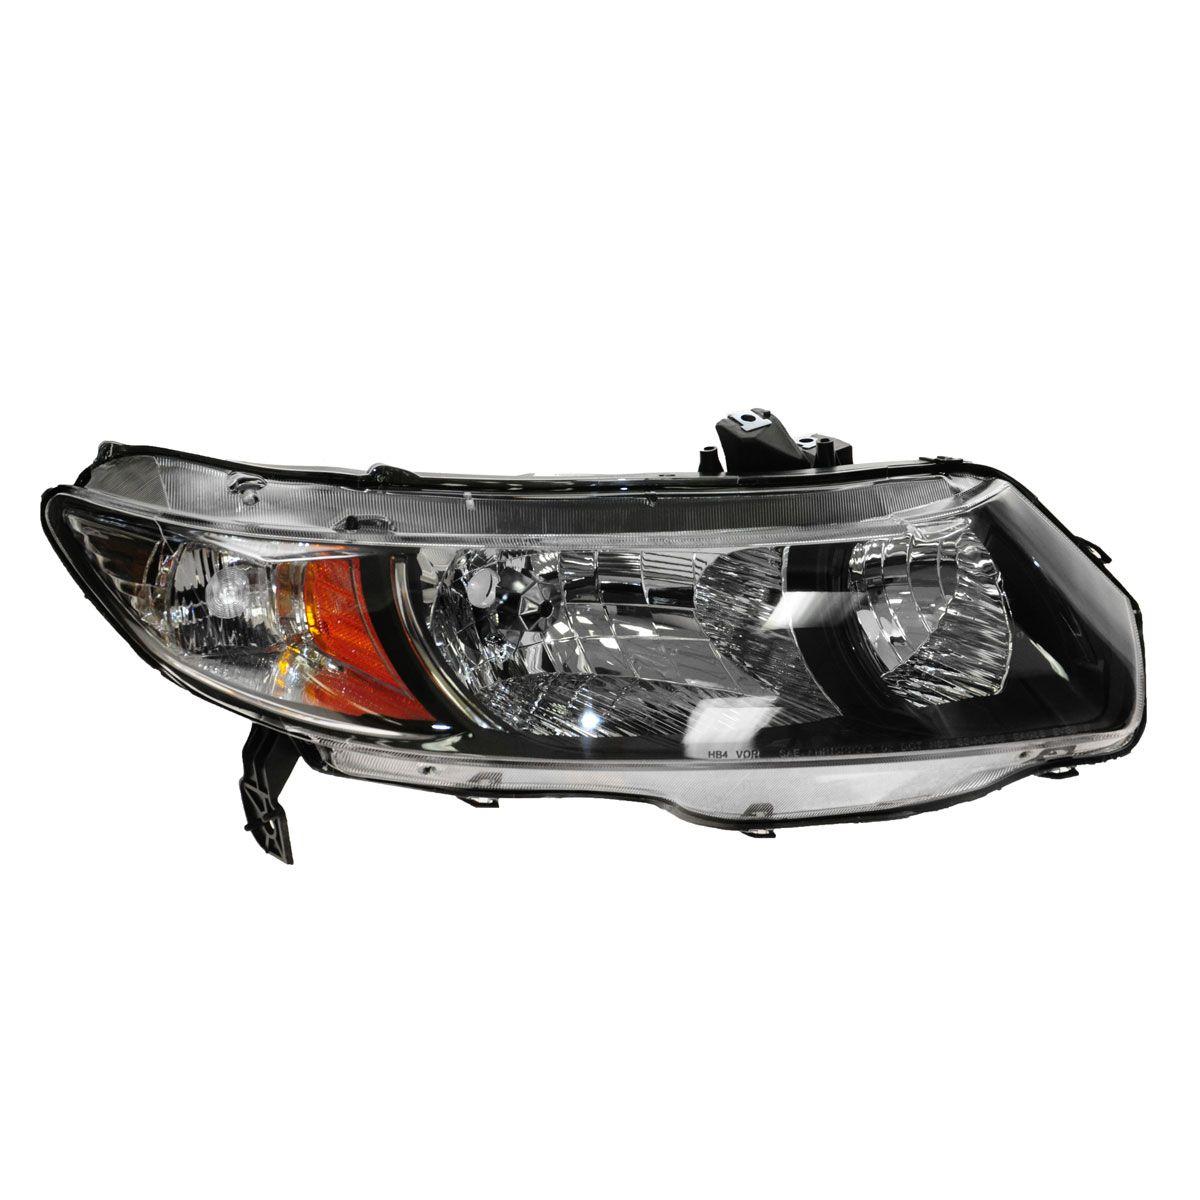 New Pair Set Halogen Headlight Headlamp Housing DOT 07-09 Mercedes-Benz E Class